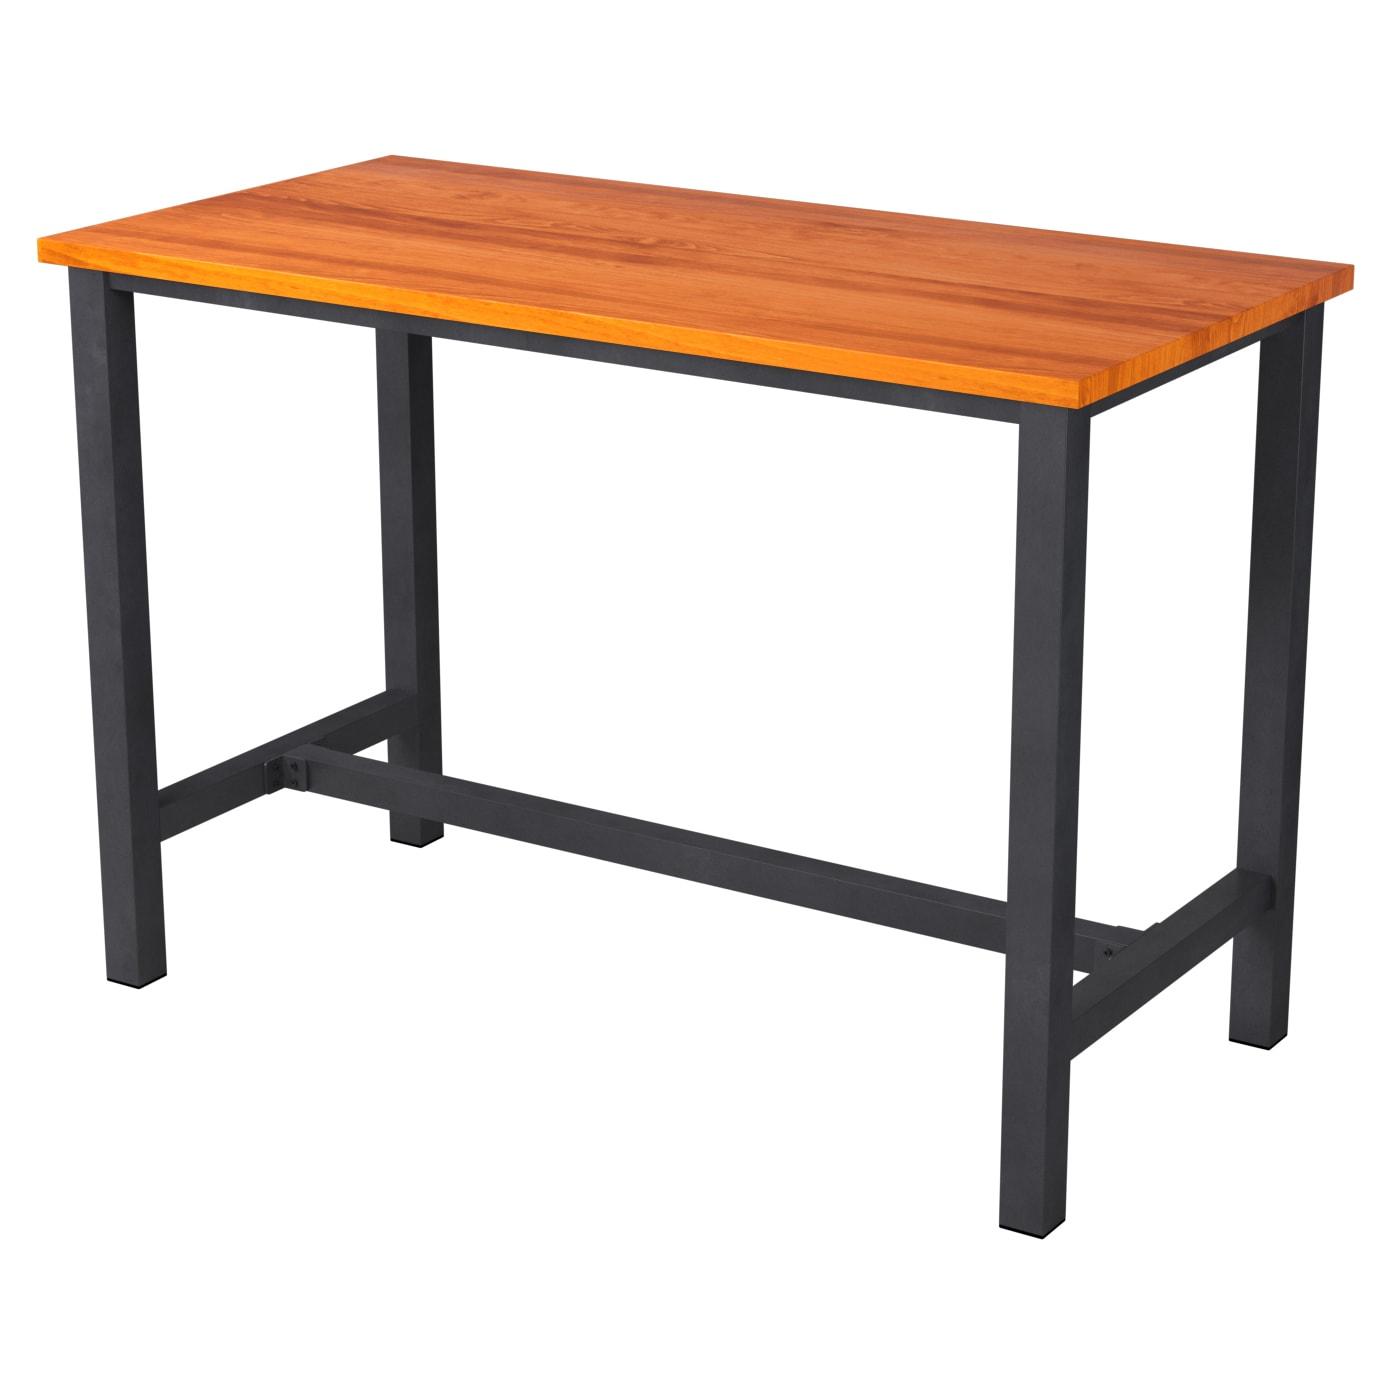 Ottis Bar Height Table Set in Black Finish with Ottis Bar Height Table Set in Black Finish